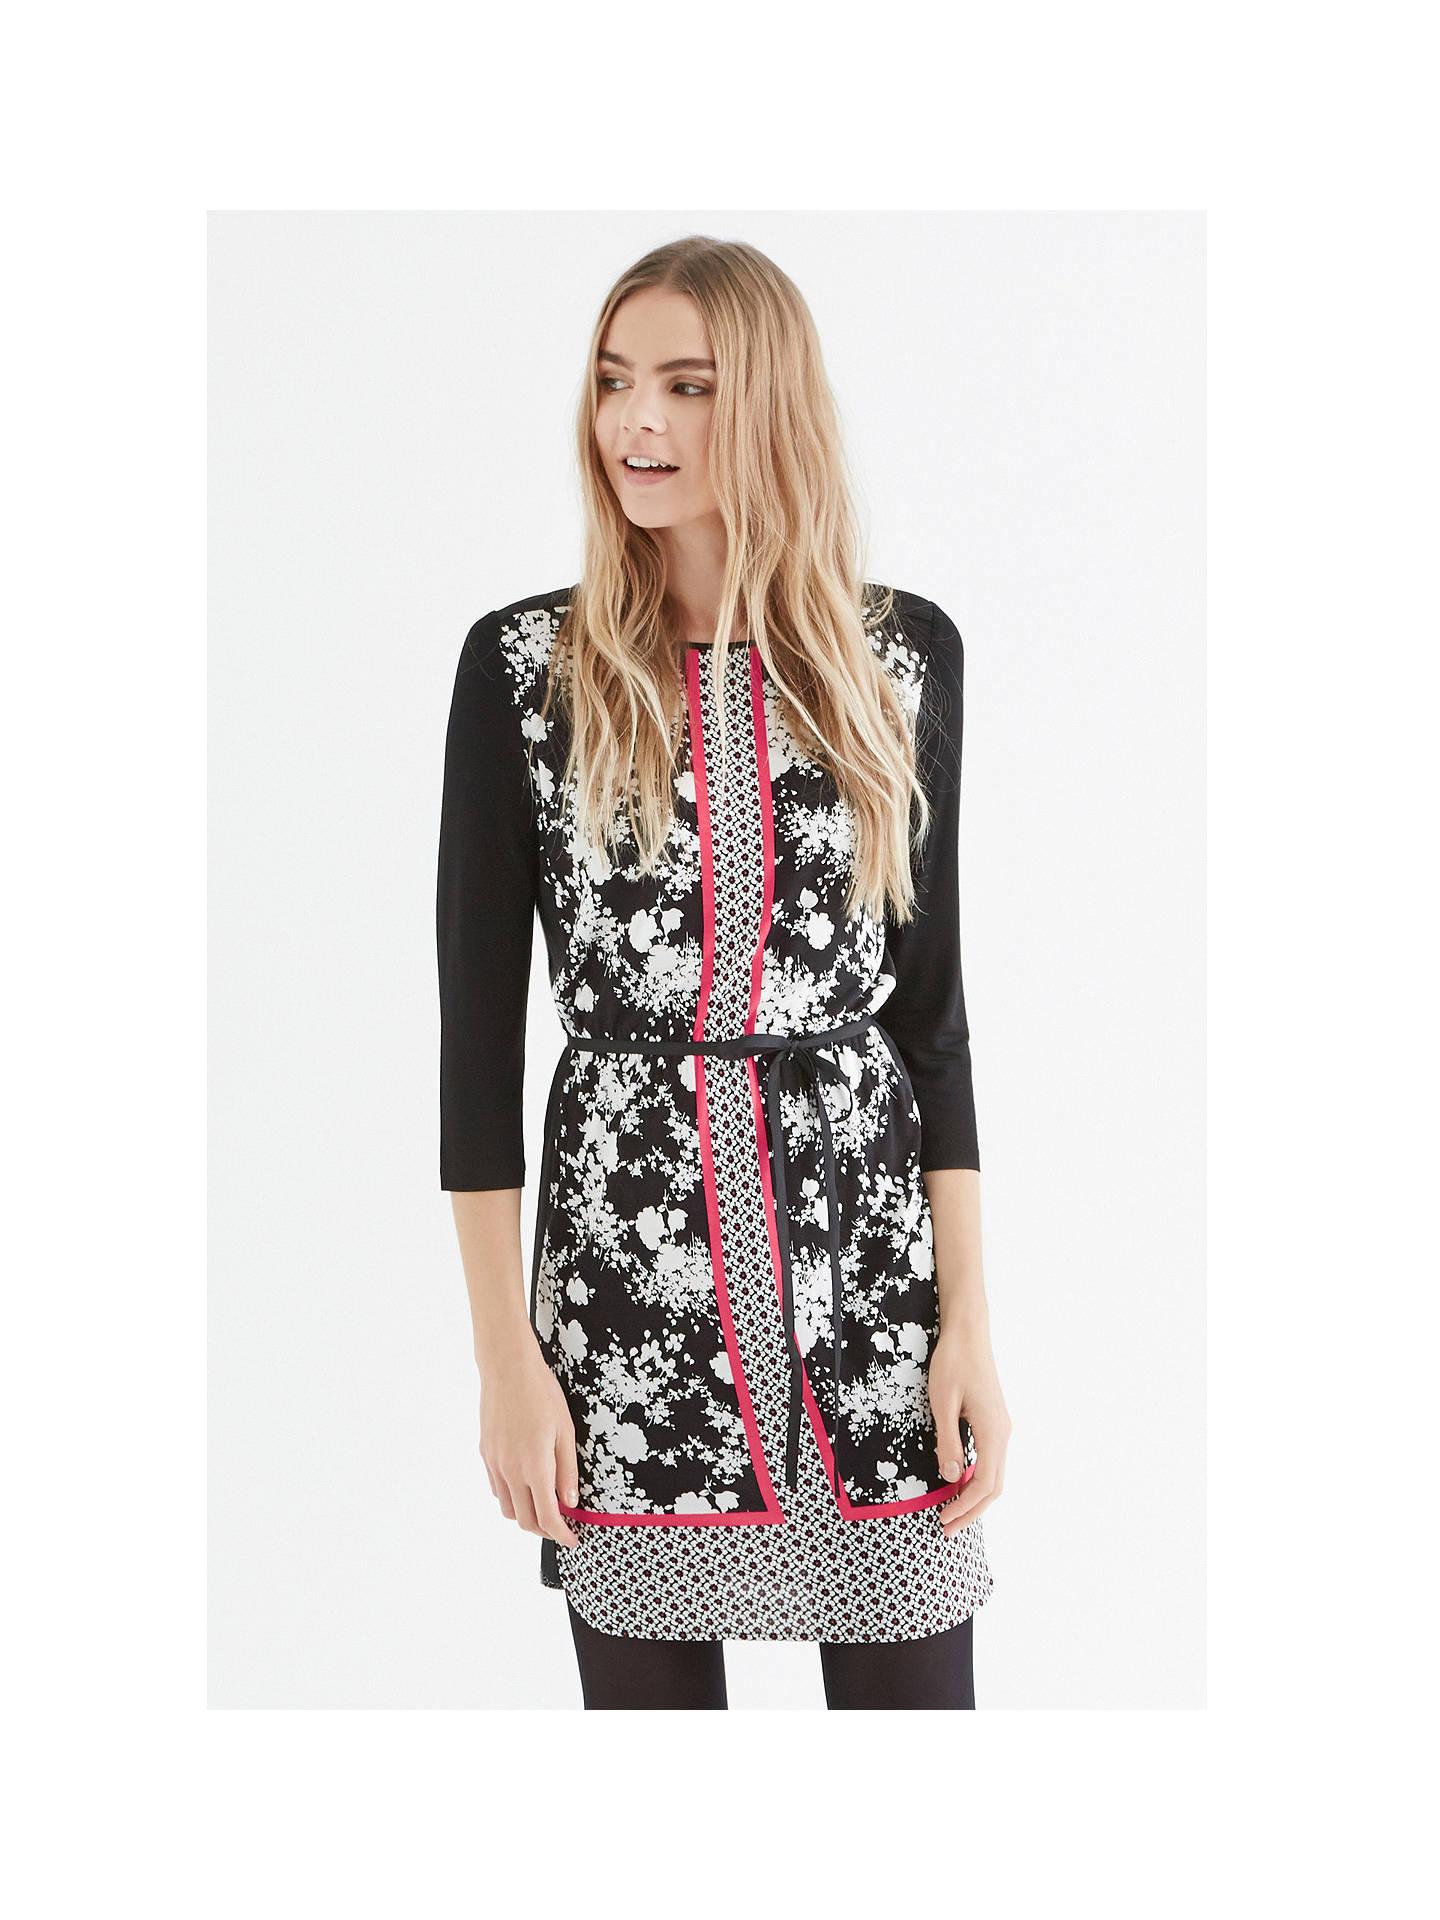 f59983e86294 ... BuyOasis Secret Garden T-shirt Dress, Multi, XS Online at johnlewis.com  ...